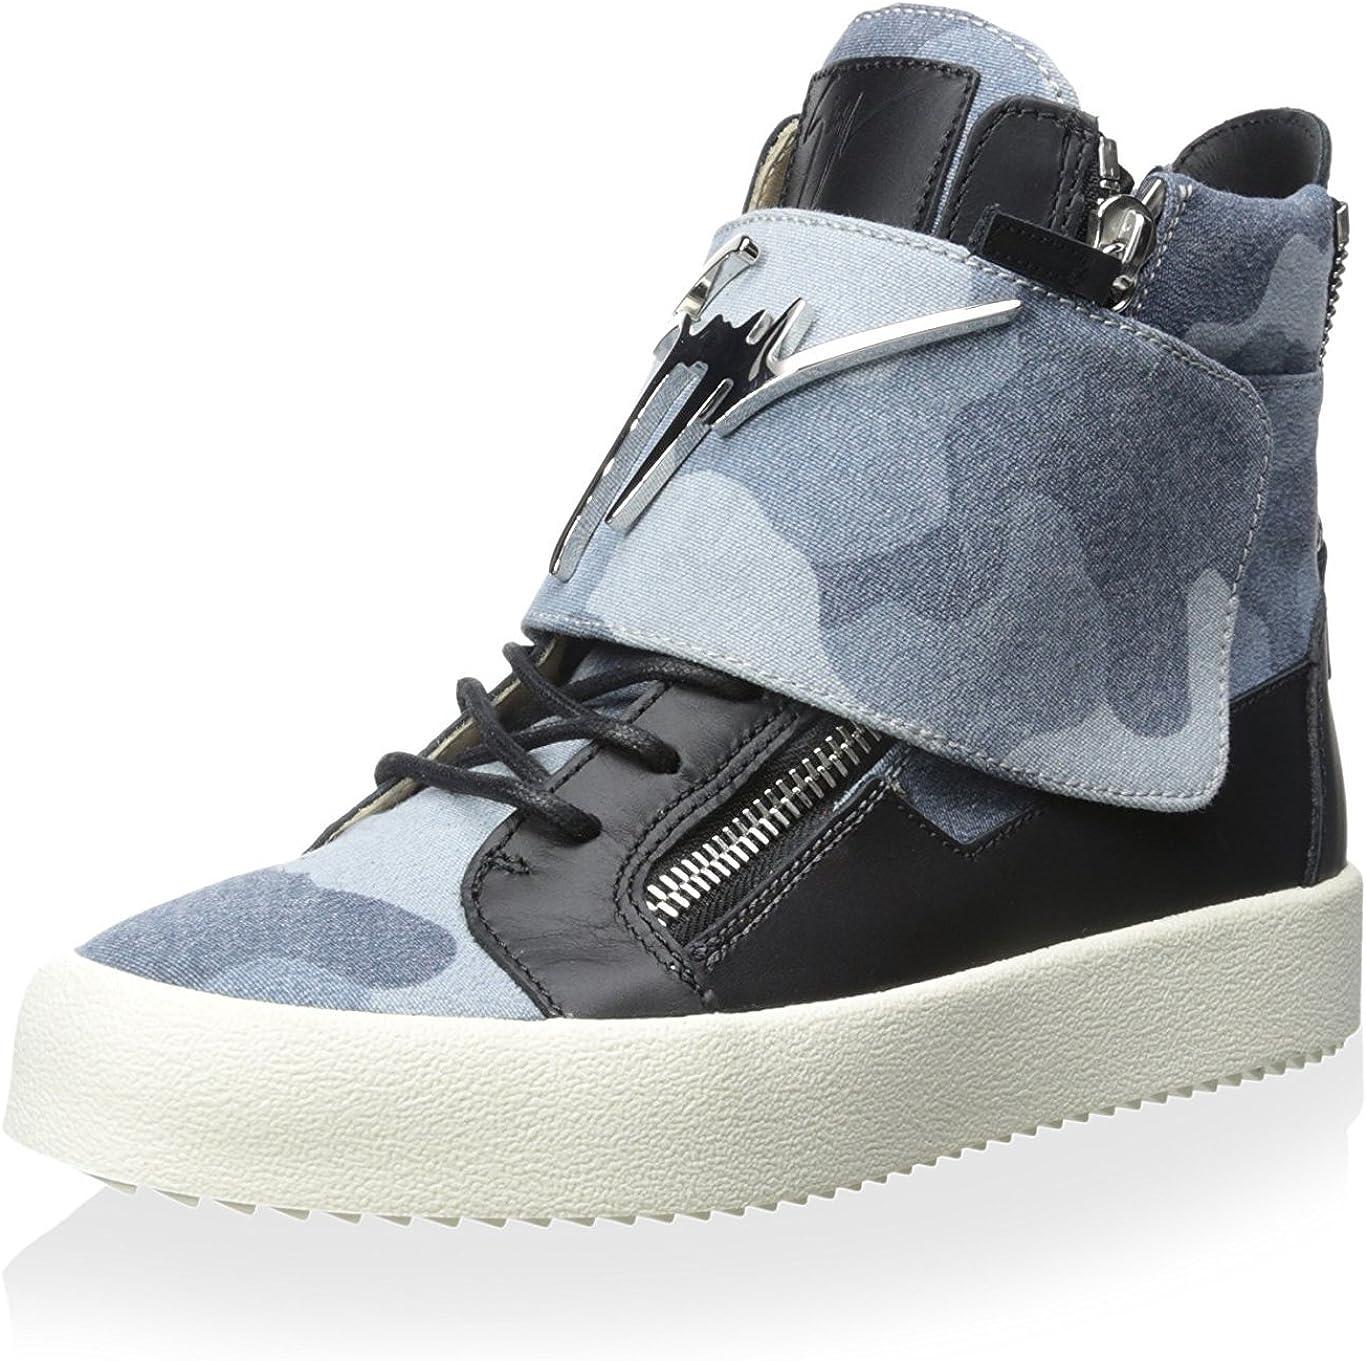 Giuseppe Zanotti Men's High-Top Sneaker